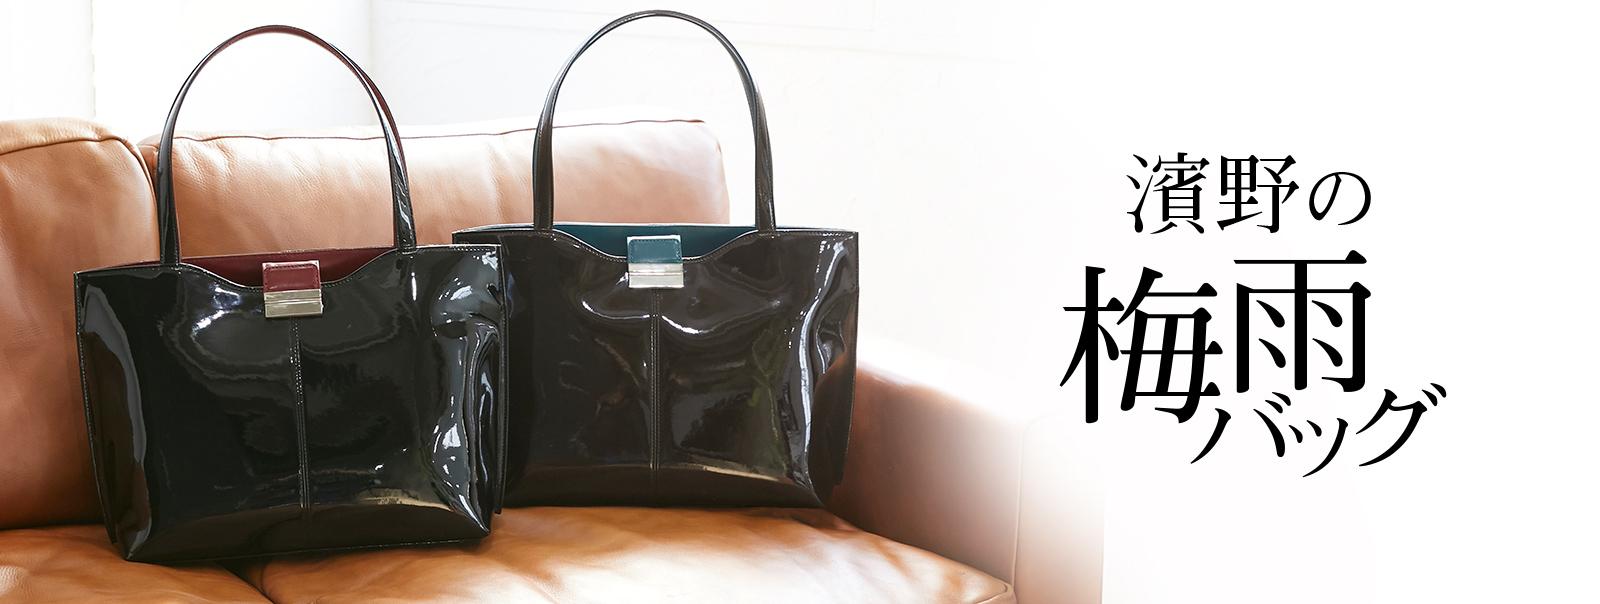 濱野の梅雨バッグ